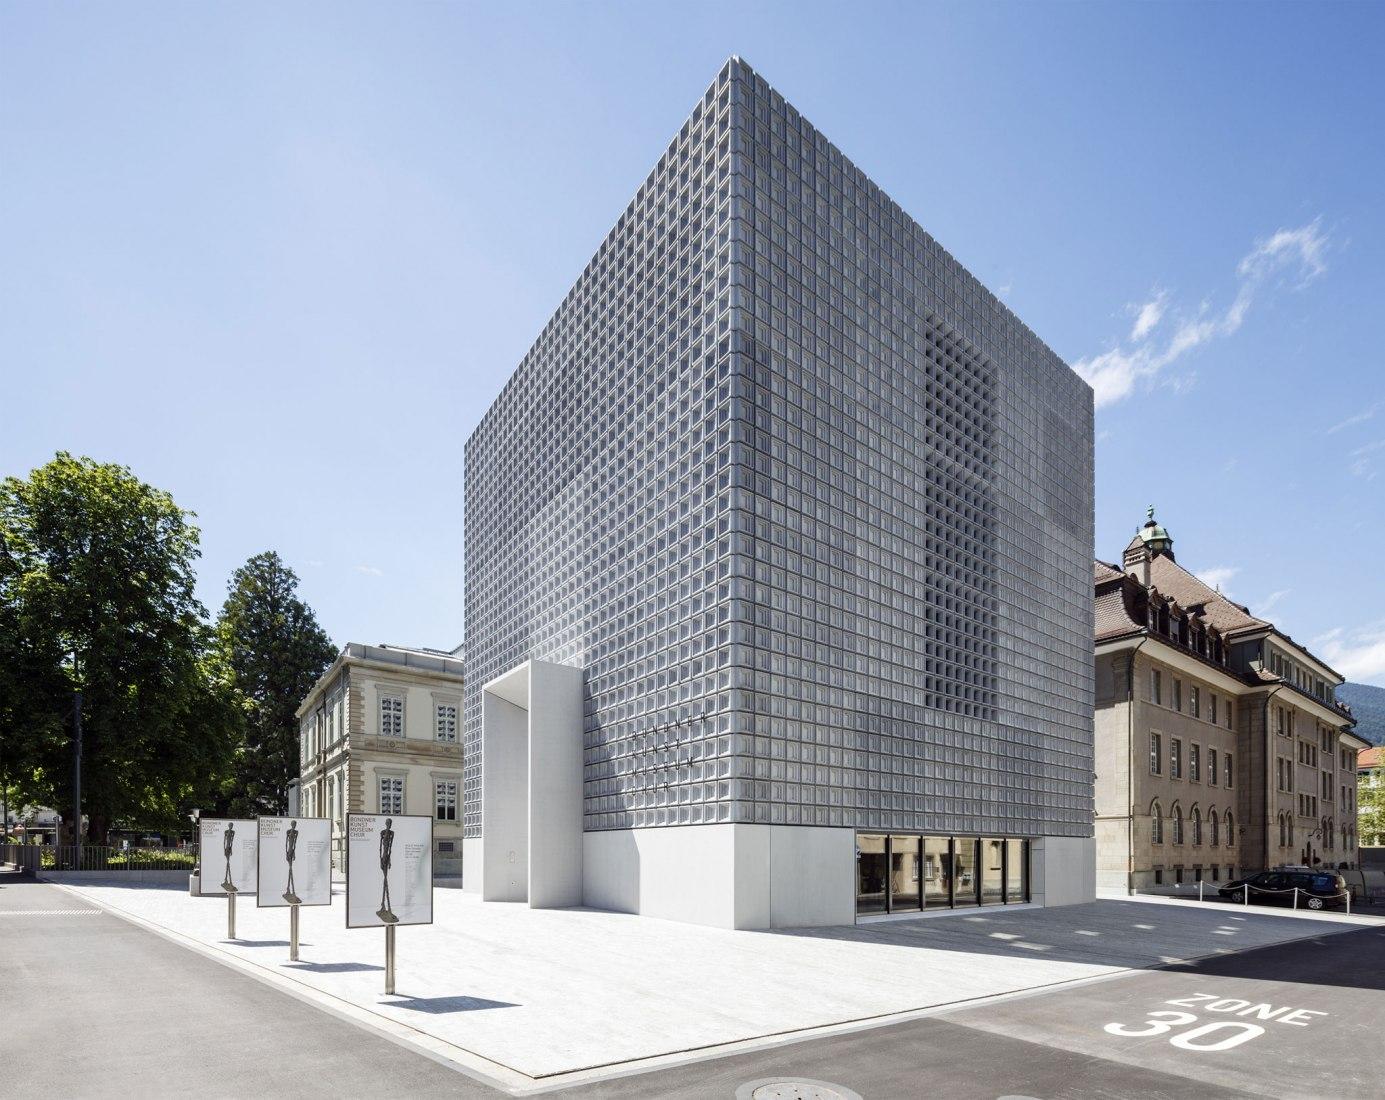 Exterior. The Bündner Kunstmuseum under the eyes of Marcela Grassi. Photograph by Marcela Grassi